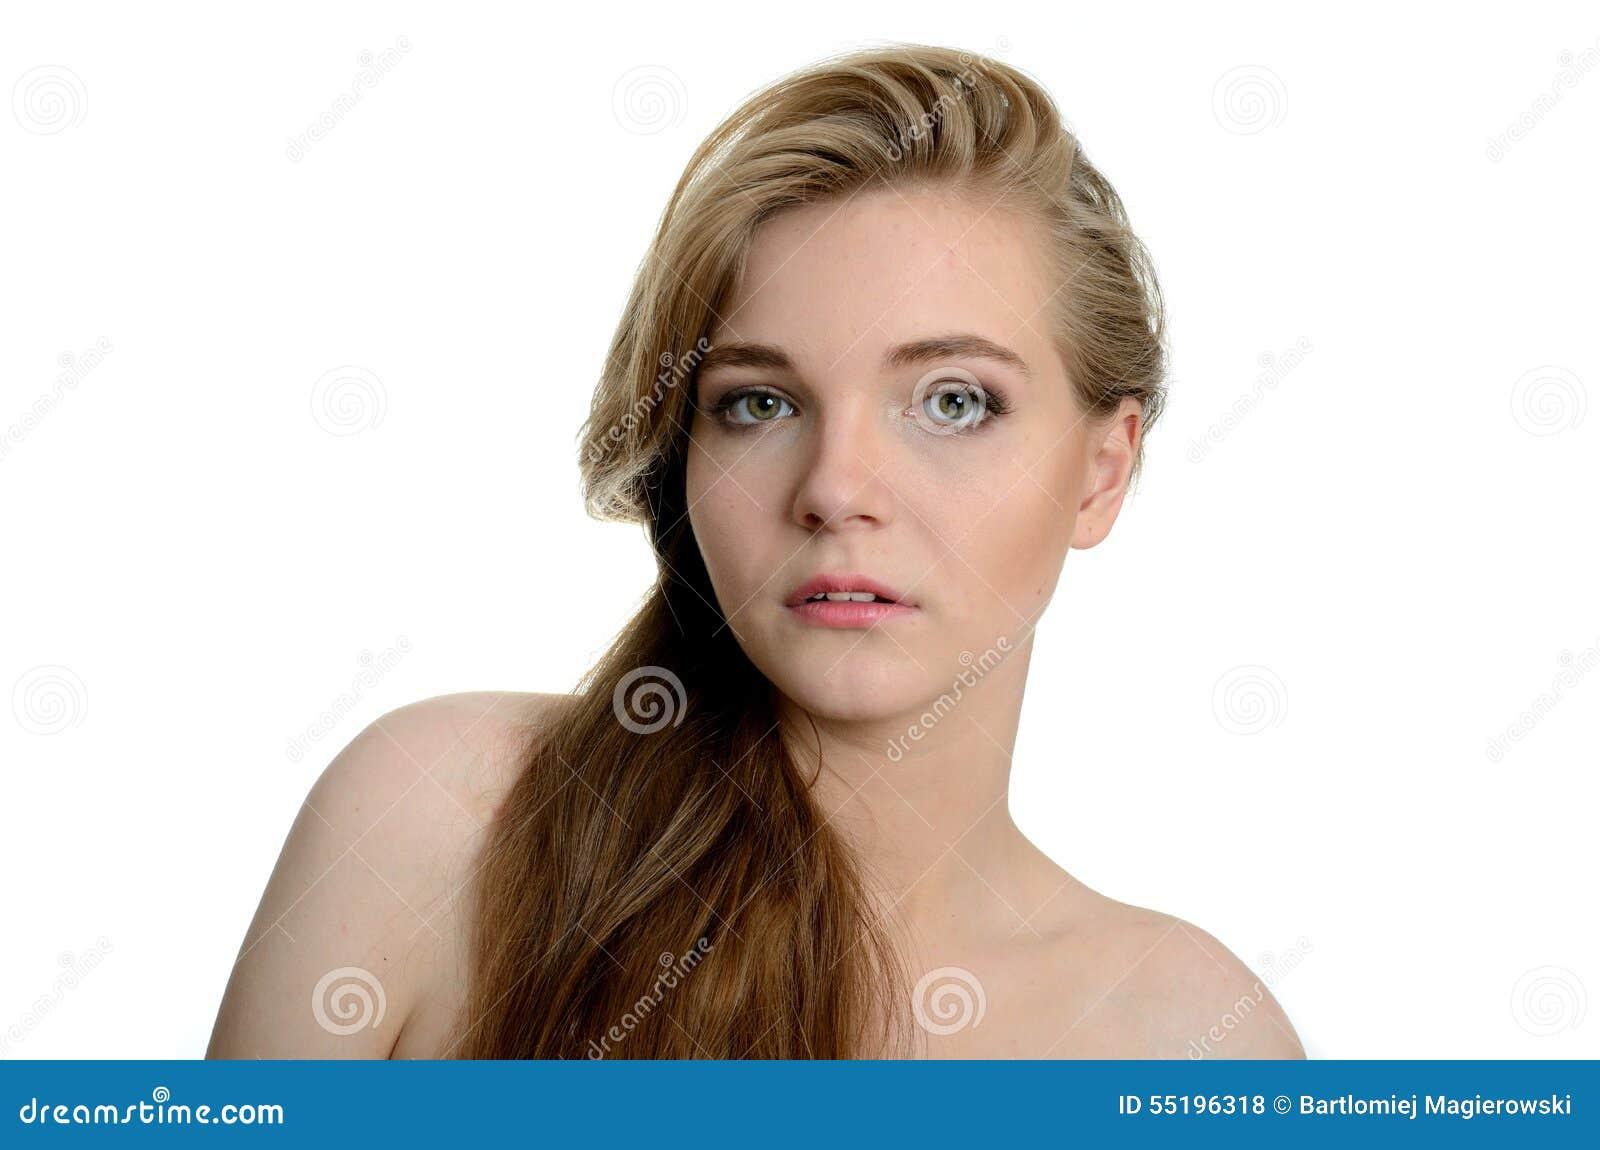 Kind Girl Portrait